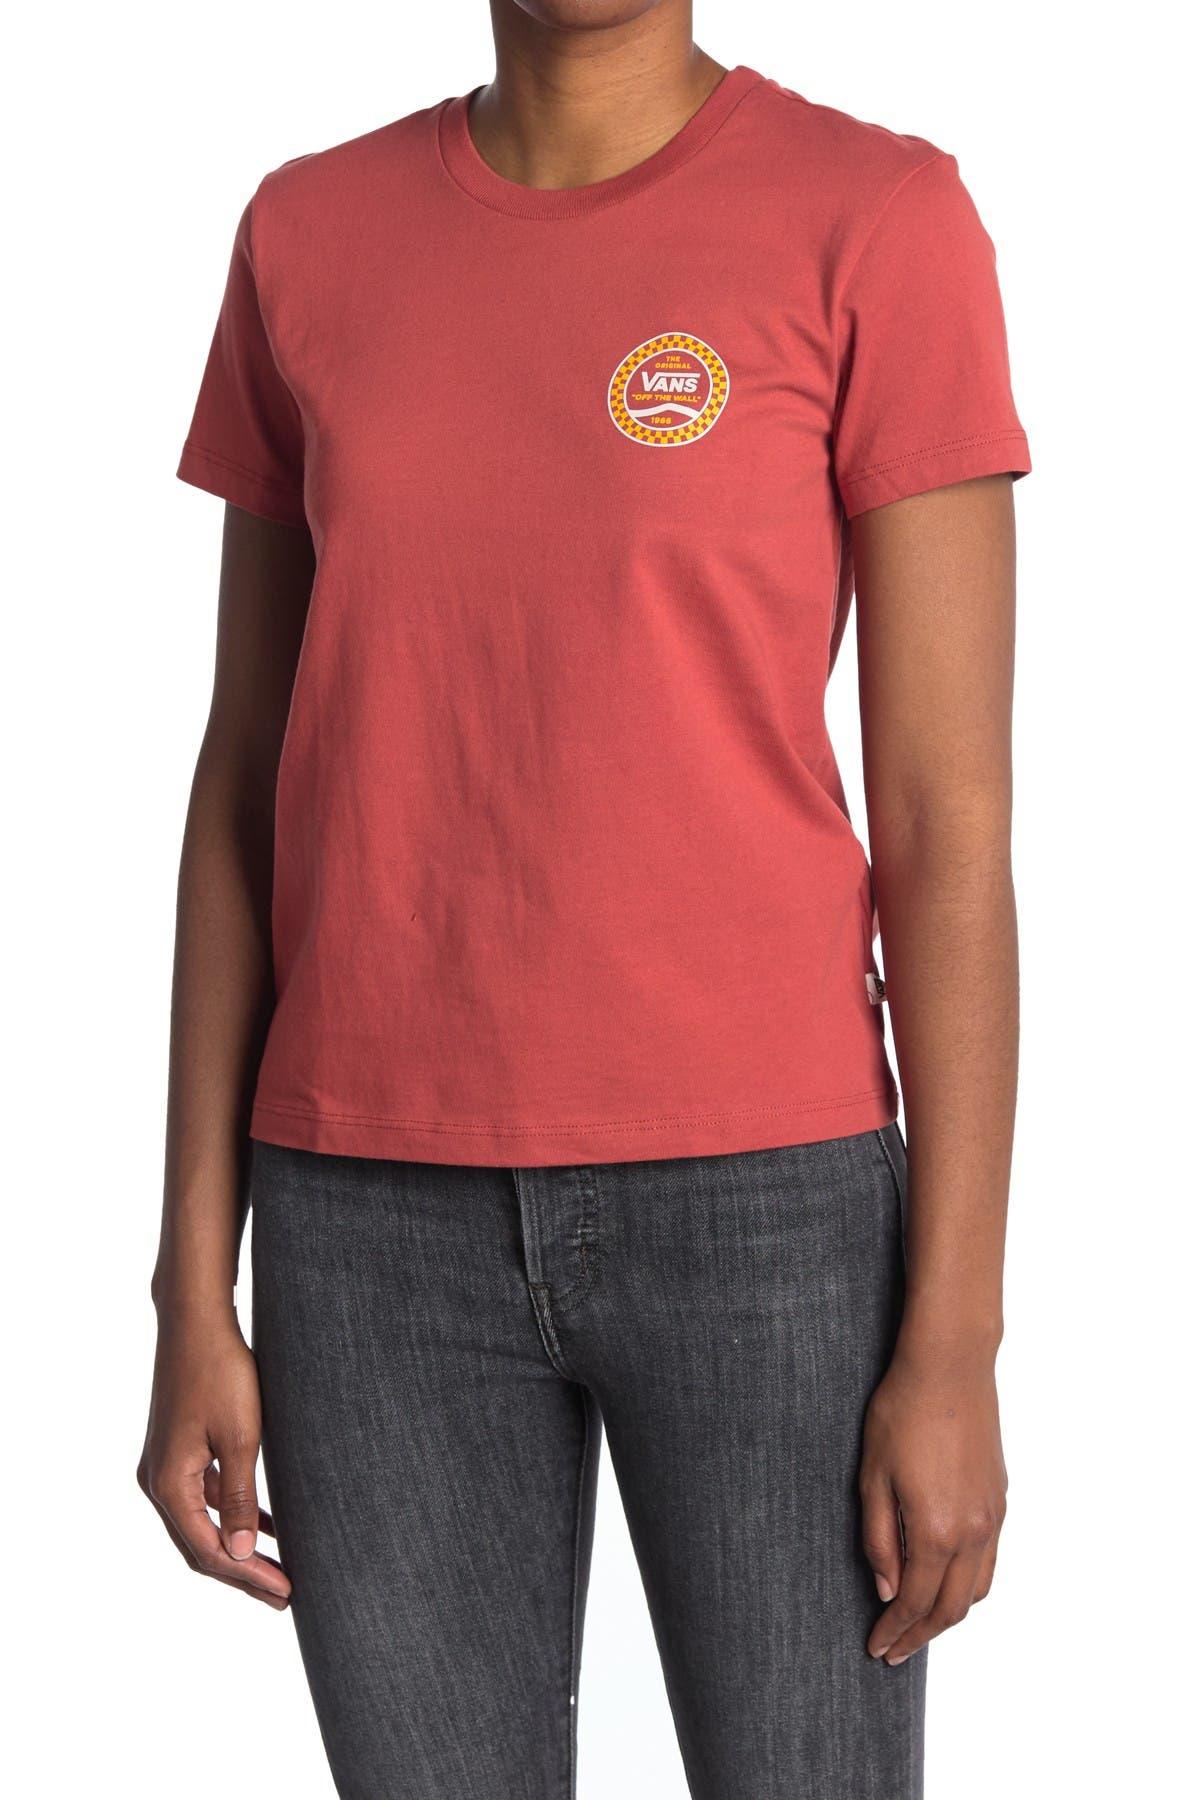 Image of VANS Short Sleeve Crew Neck T-Shirt